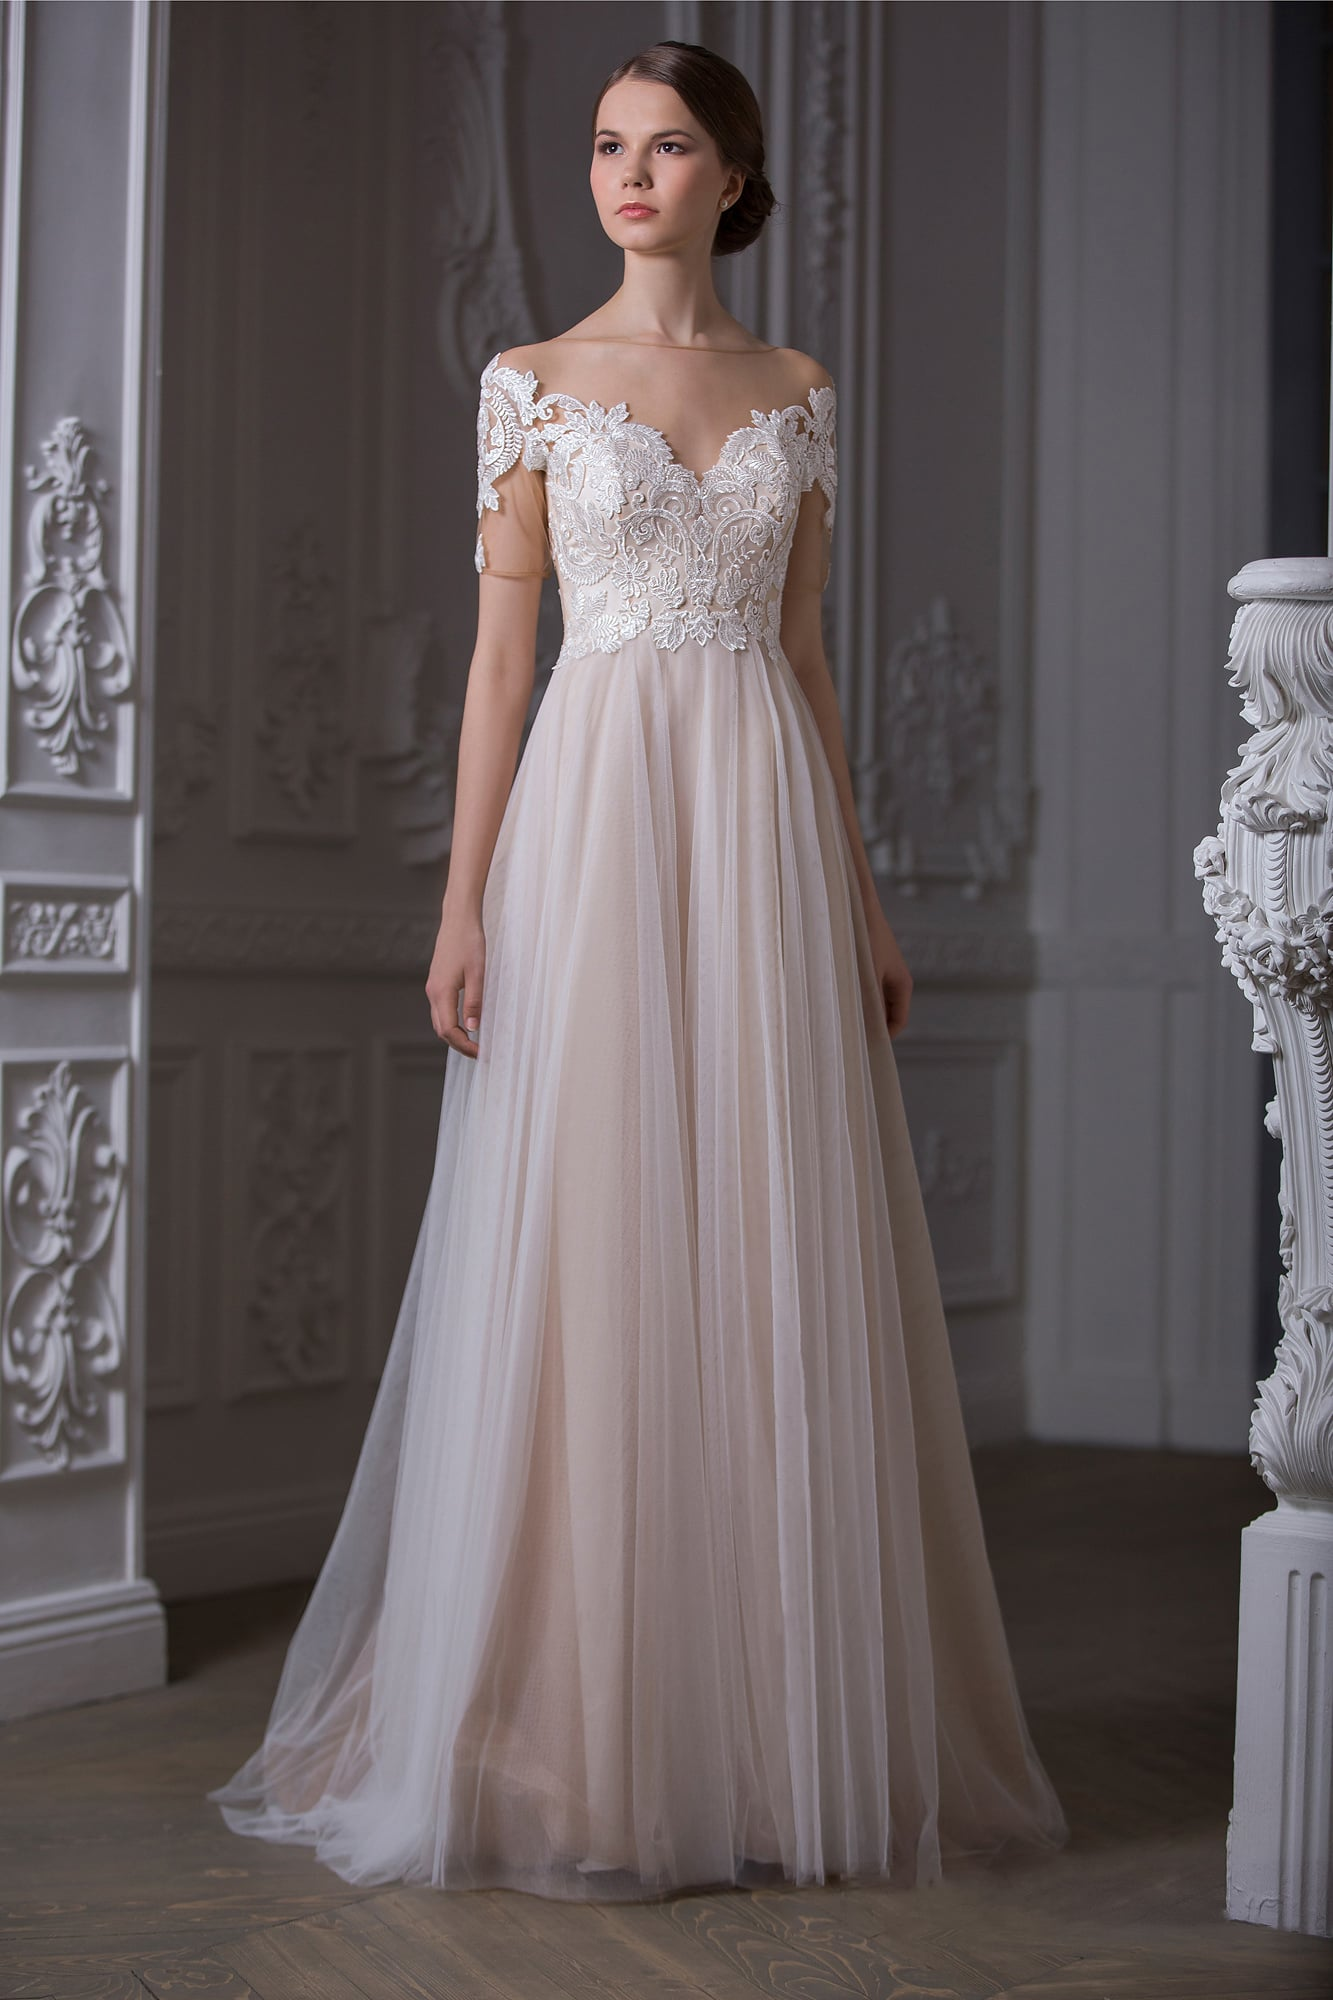 Стрекоза свадебные платья официальный